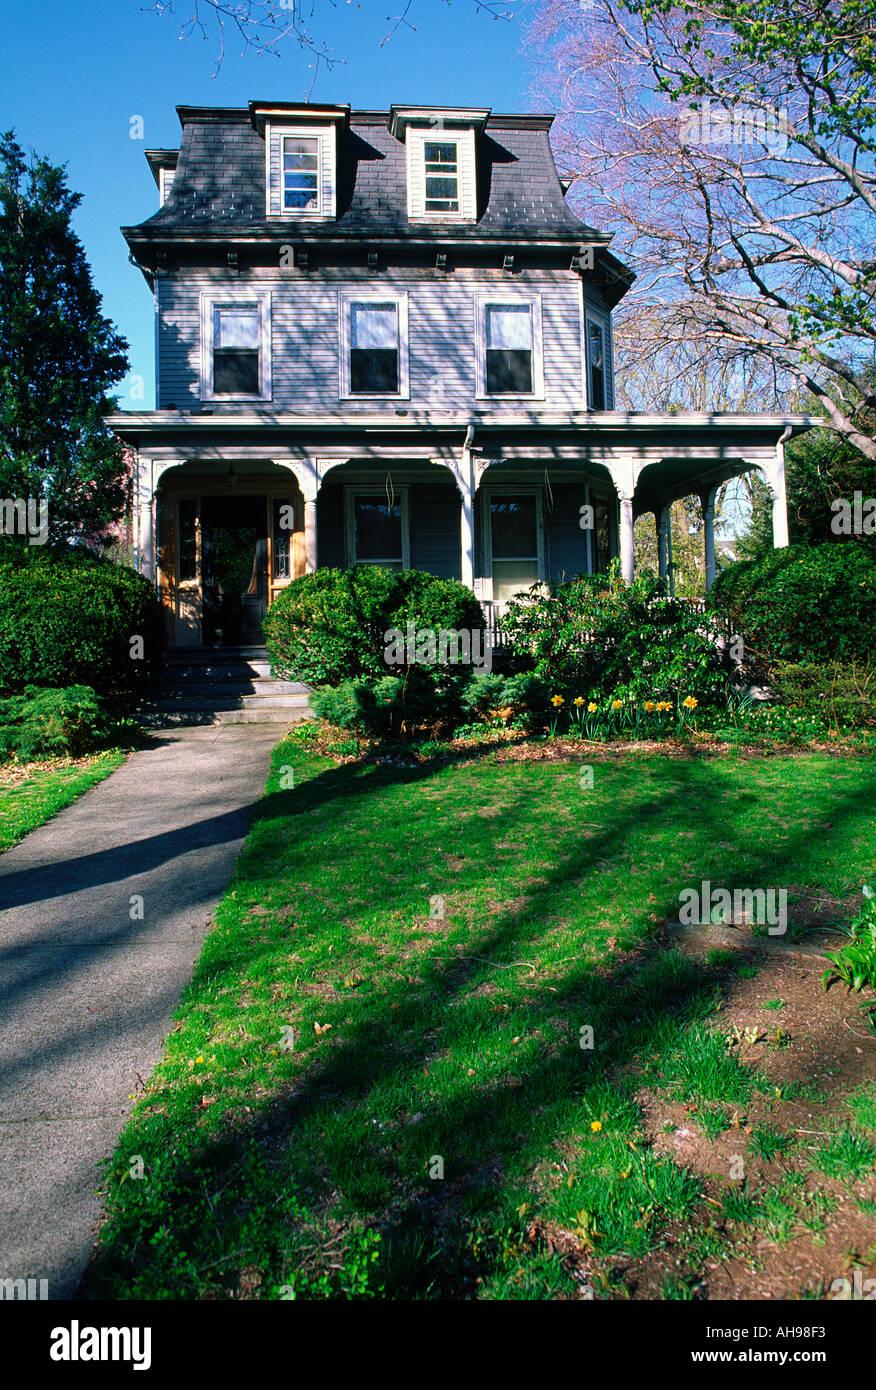 Victorian style wood house, Boston, Massachusetts - Stock Image